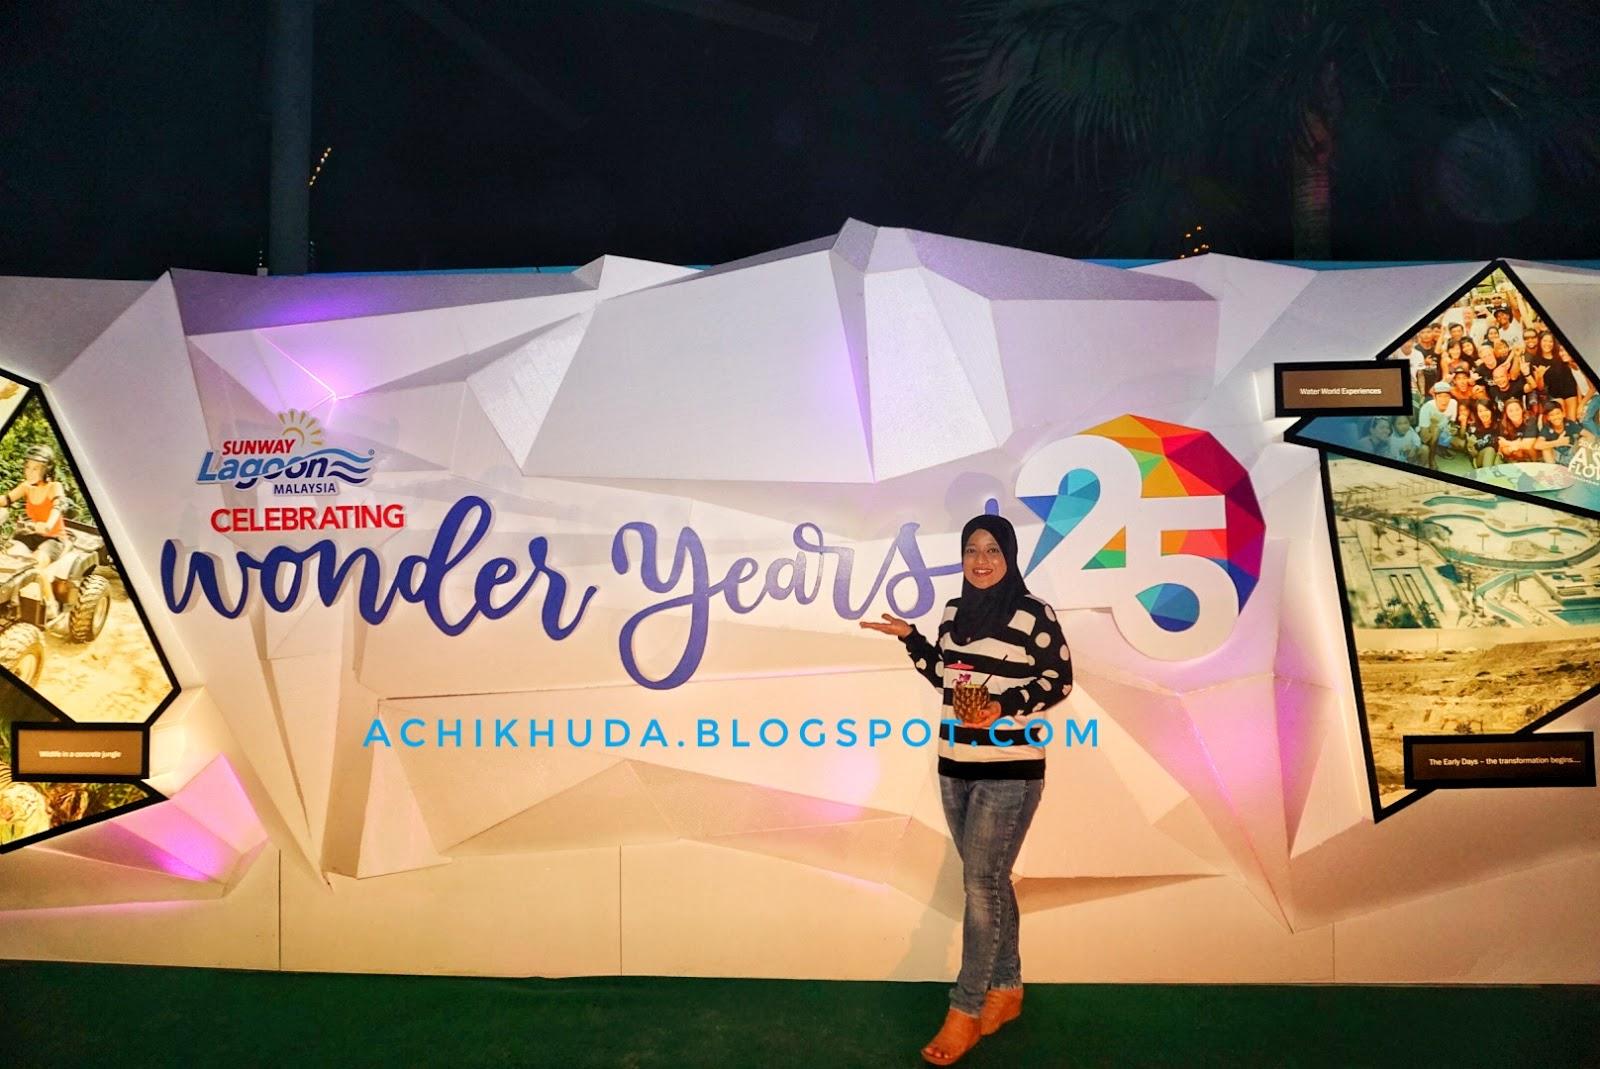 Achik Huda 25 Wonder Years Sunway Lagoon Malaysia Meraikan Et Ticket Dewasa Kuala Lumpur Pada 11 November 2017 Yang Lalu Telah Mengadakan Majlis Sambutan 25th Para Tetamu Hadir Disambut Dengan